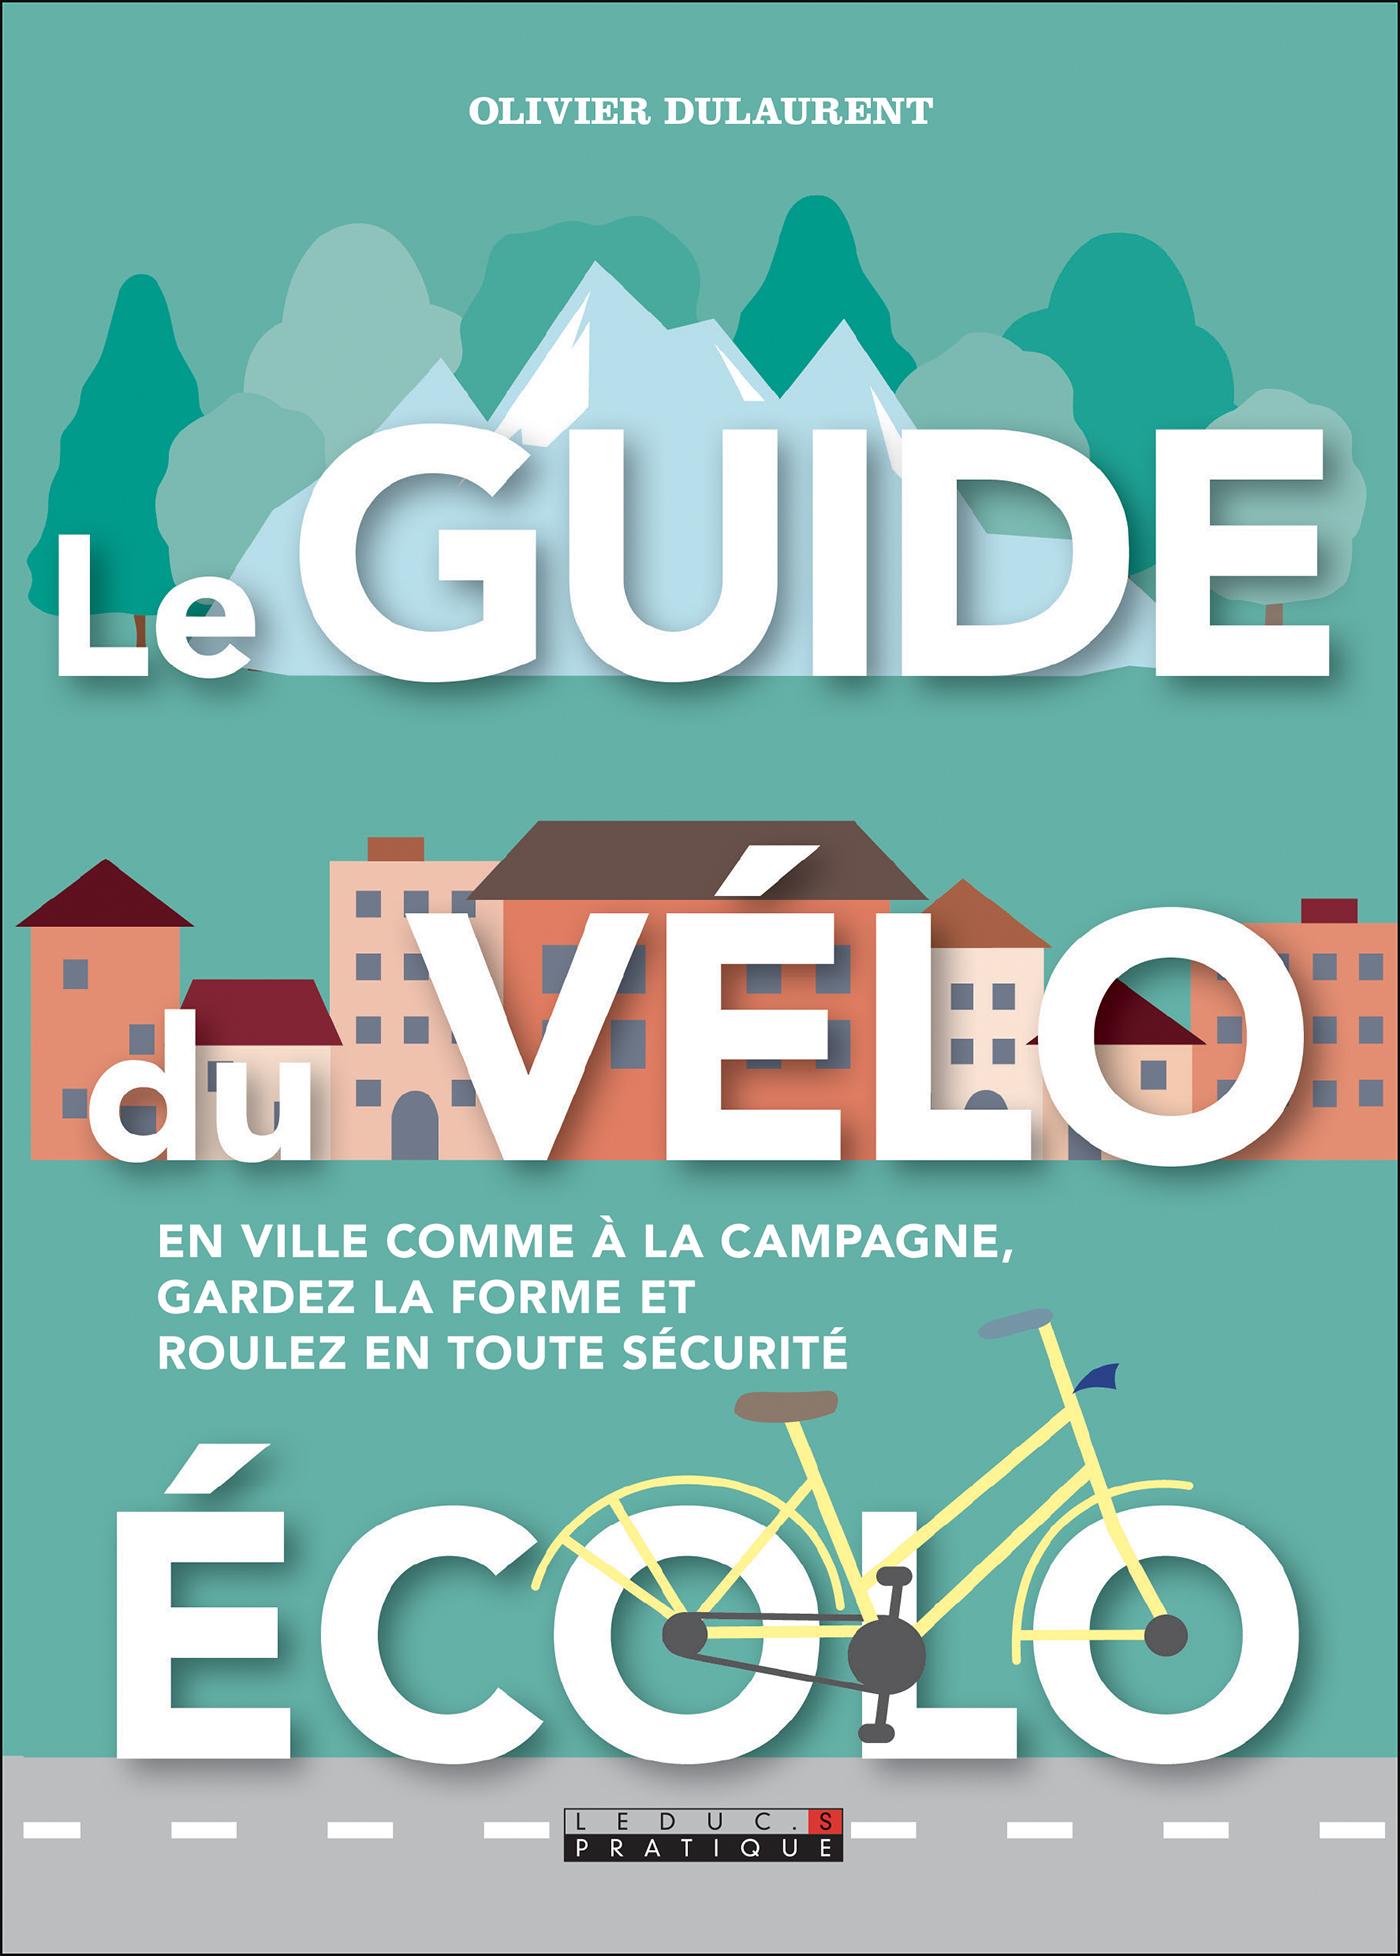 Vignette du livre Le guide du vélo écolo : choisir, entretenir et utiliser son vélo - Olivier Dulaurent